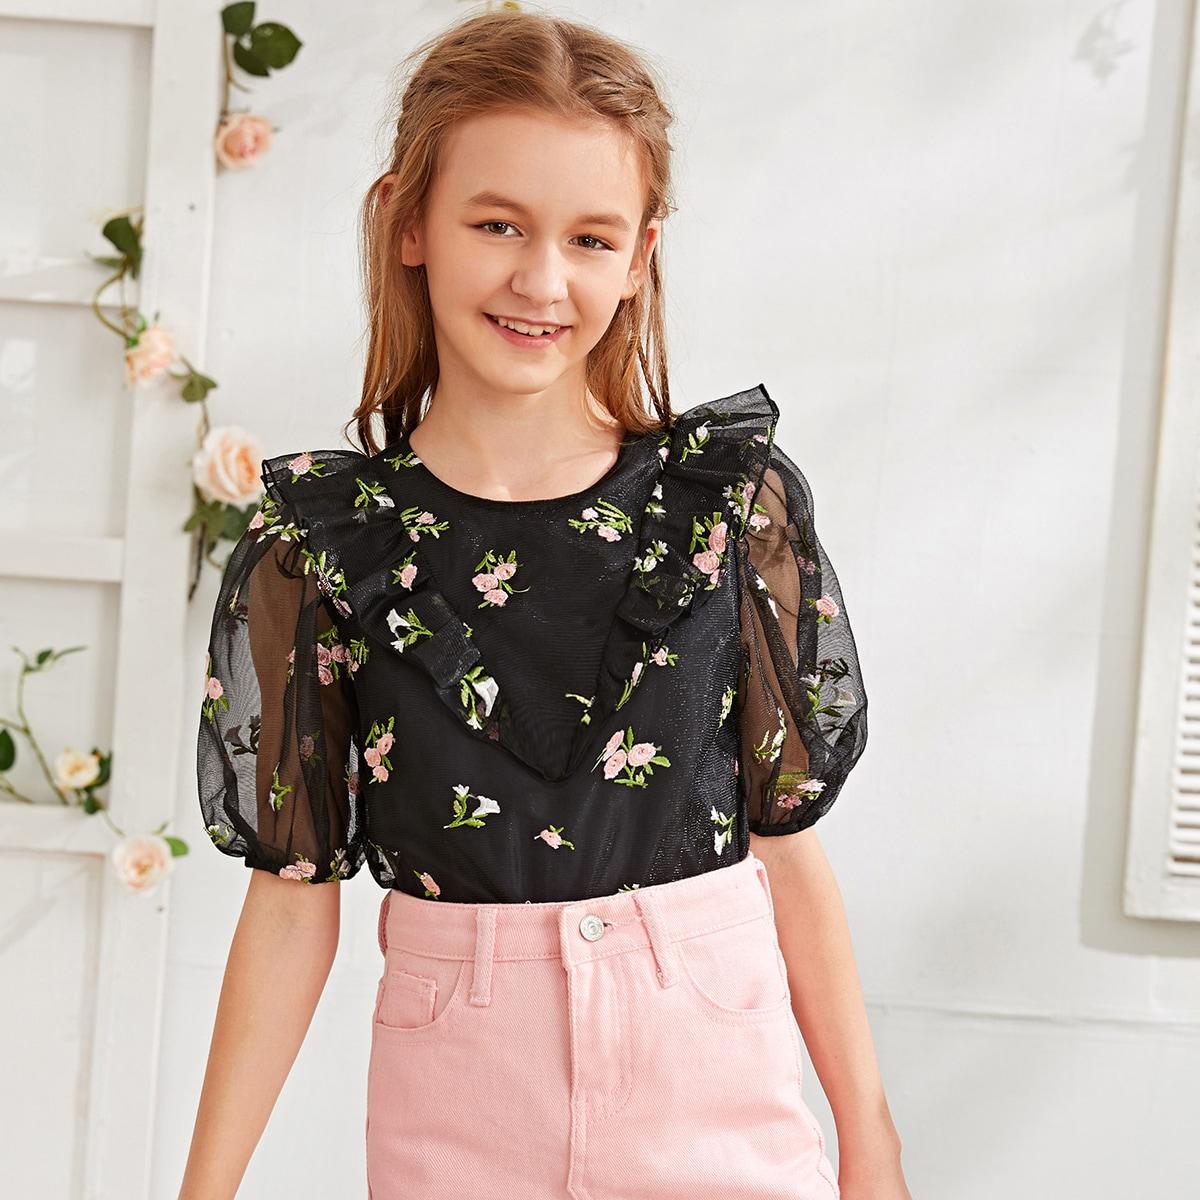 Сетчатый топ с цветочной вышивкой, пышным рукавом и оборками для девочек от SHEIN